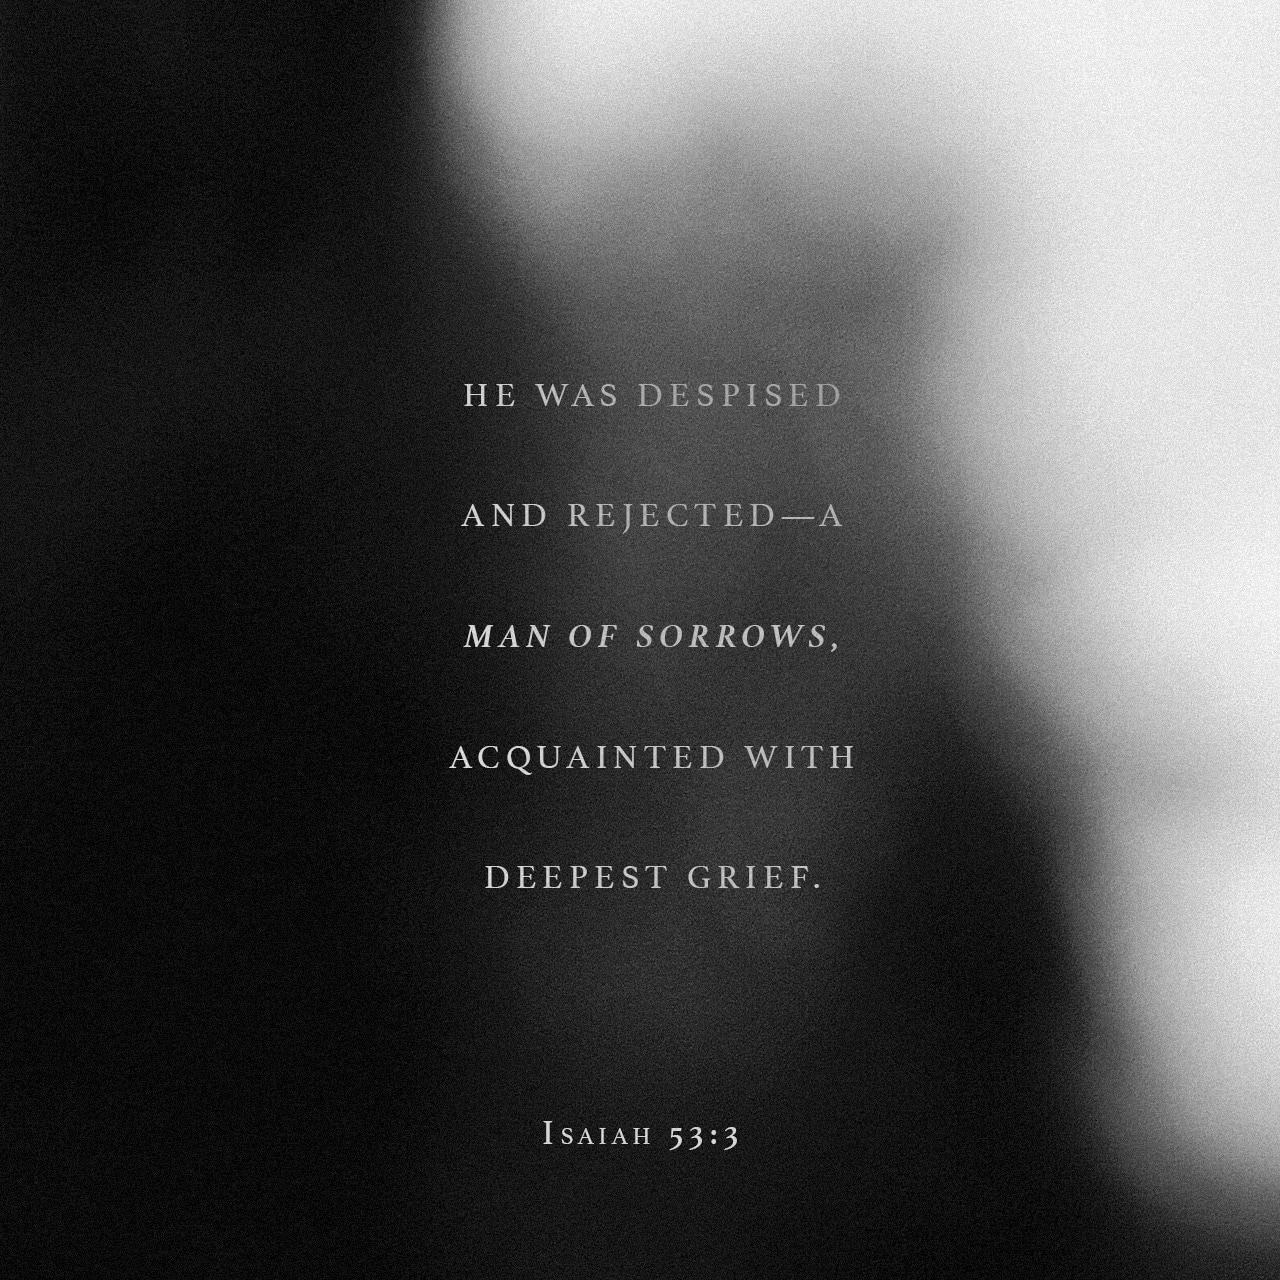 Isaiah 53:3 (JPG)